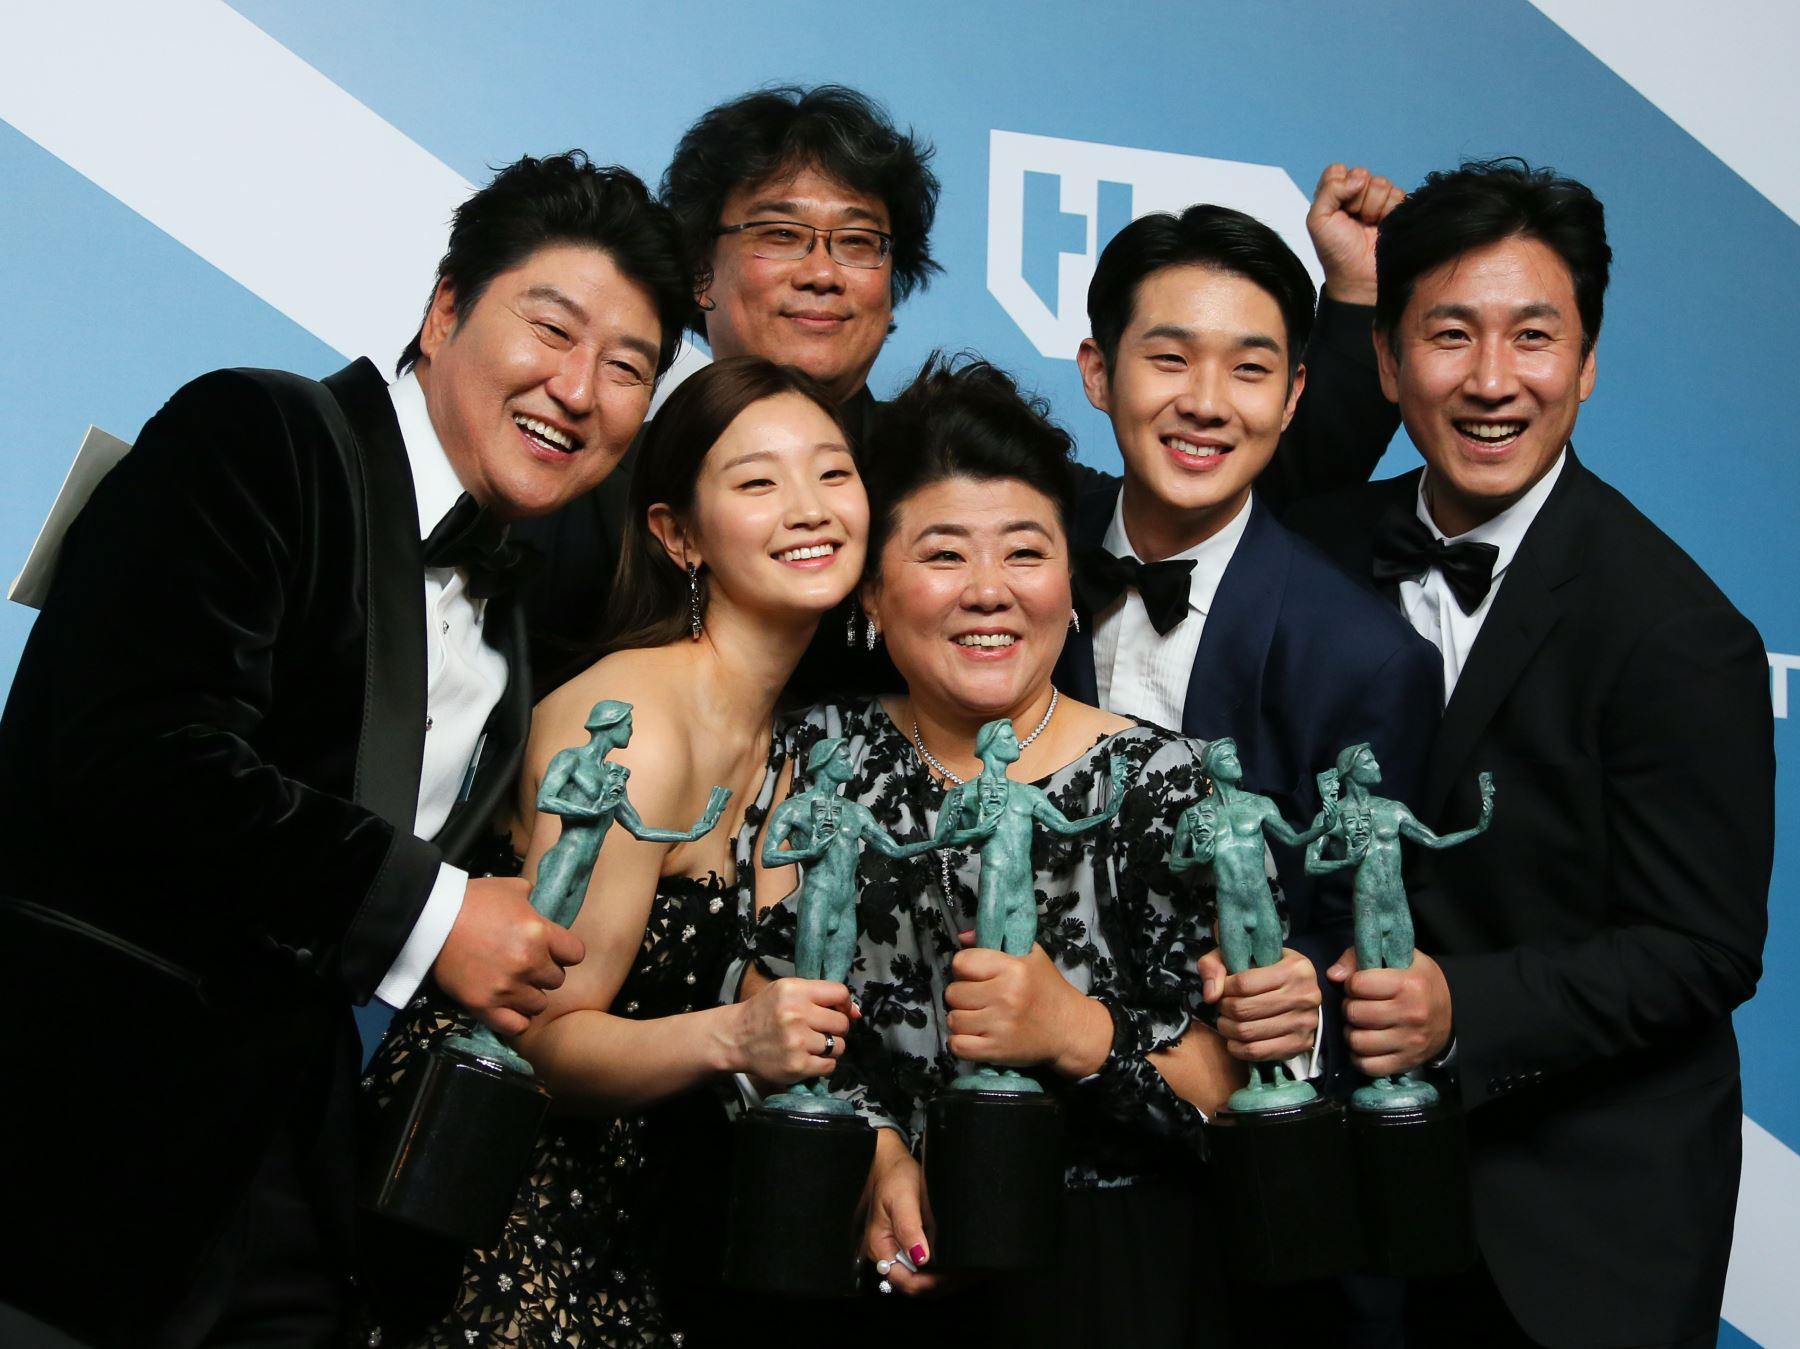 """El elenco de """"Parasite"""" (KR) Song Kang-ho, Cho Yeo-jeong, el director Bong Joon-ho, Lee Jung-eun, Choi Woo-shik y Lee Sun-kyun posan con el trofeo para la actuación sobresaliente de un elenco en un Película  durante la 26a. Entrega Anual de los Premios del Sindicato de Actores en el Auditorio Shrine de Los Ángeles. Foto: AFP"""